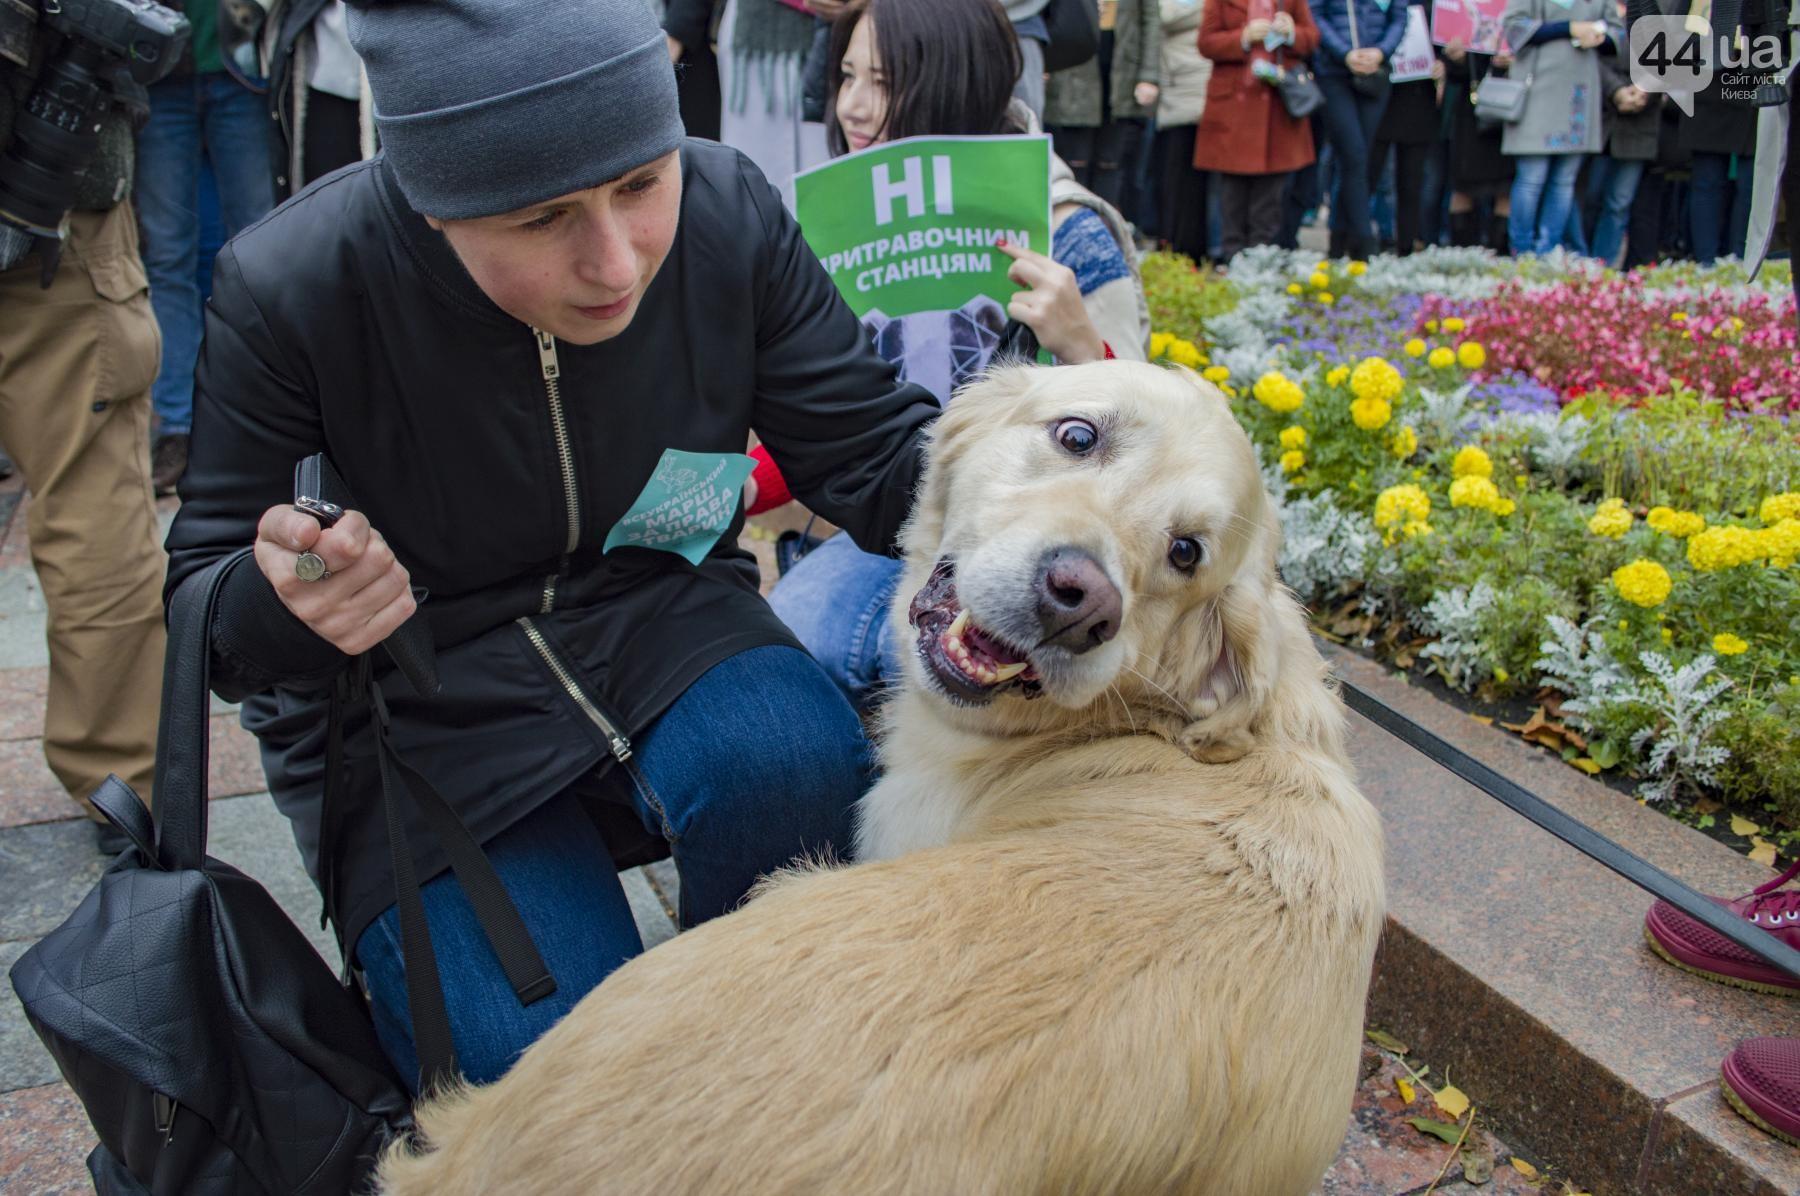 Зоозащитники митингуют! В Киеве прошел ежегодный марш за права животных: вот как всё было! рис 3